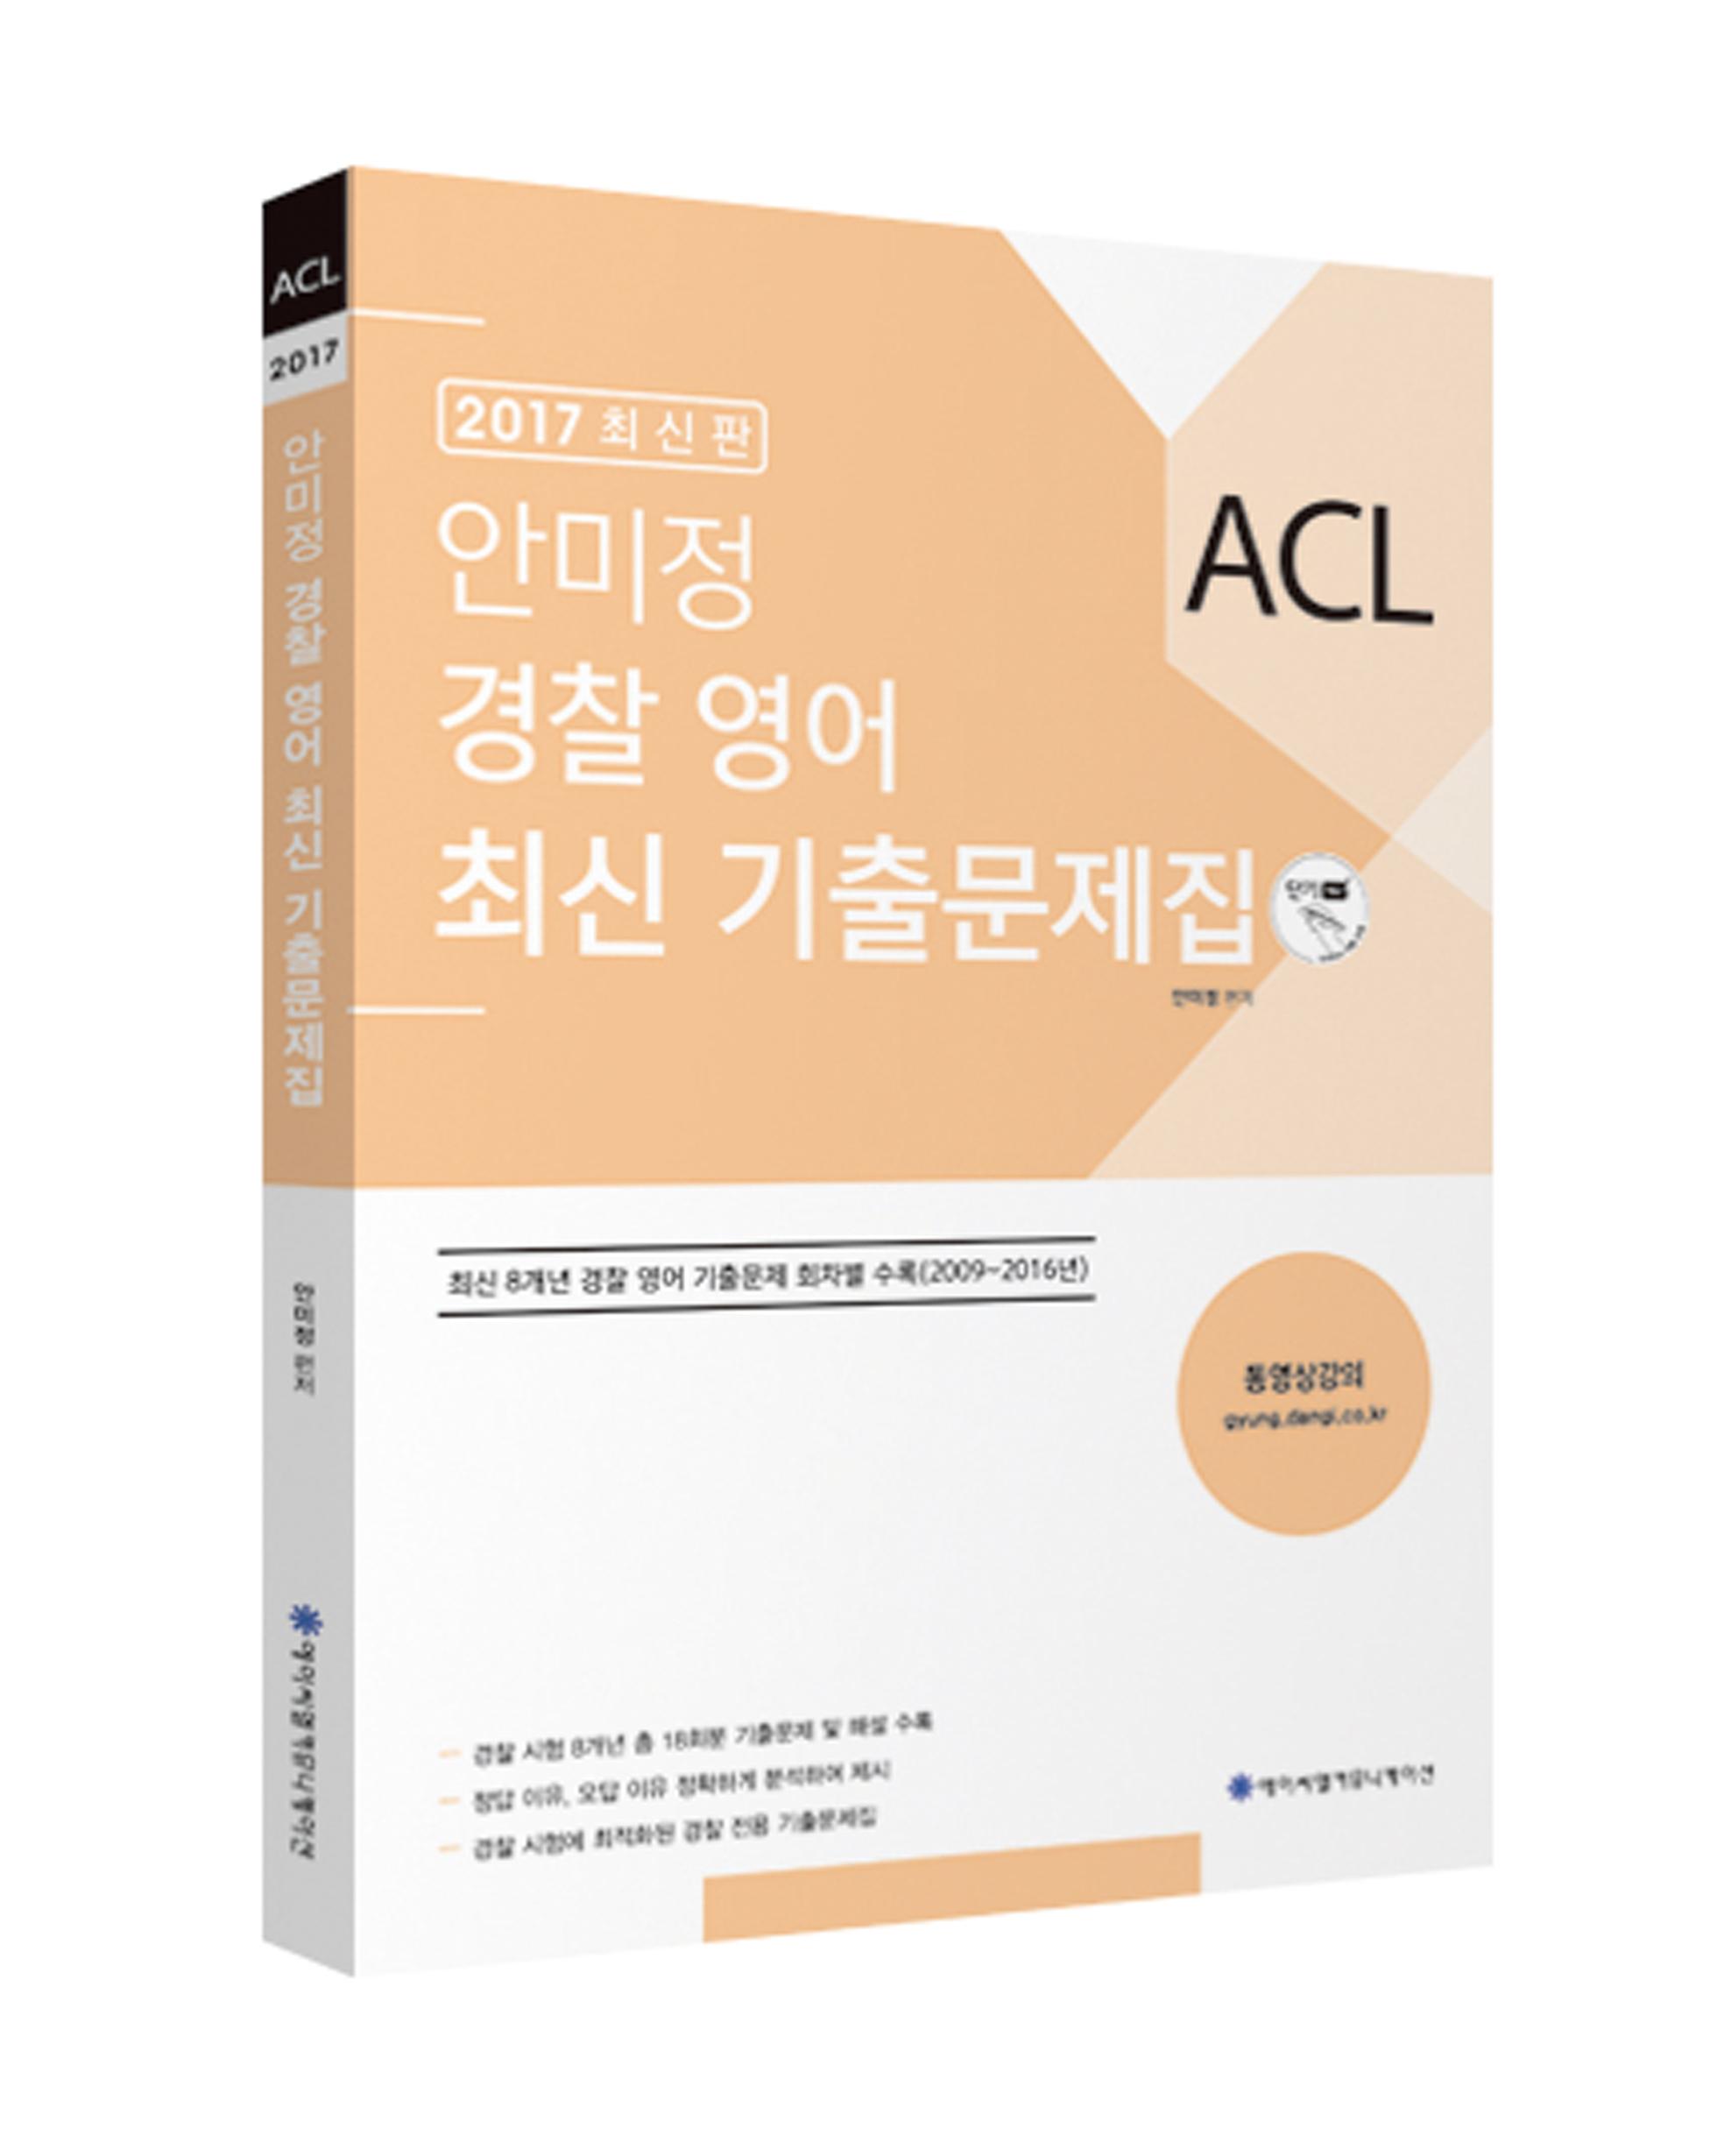 [단기펜교재] 2017 ACL 안미정 경찰영어 최신 기출문제집